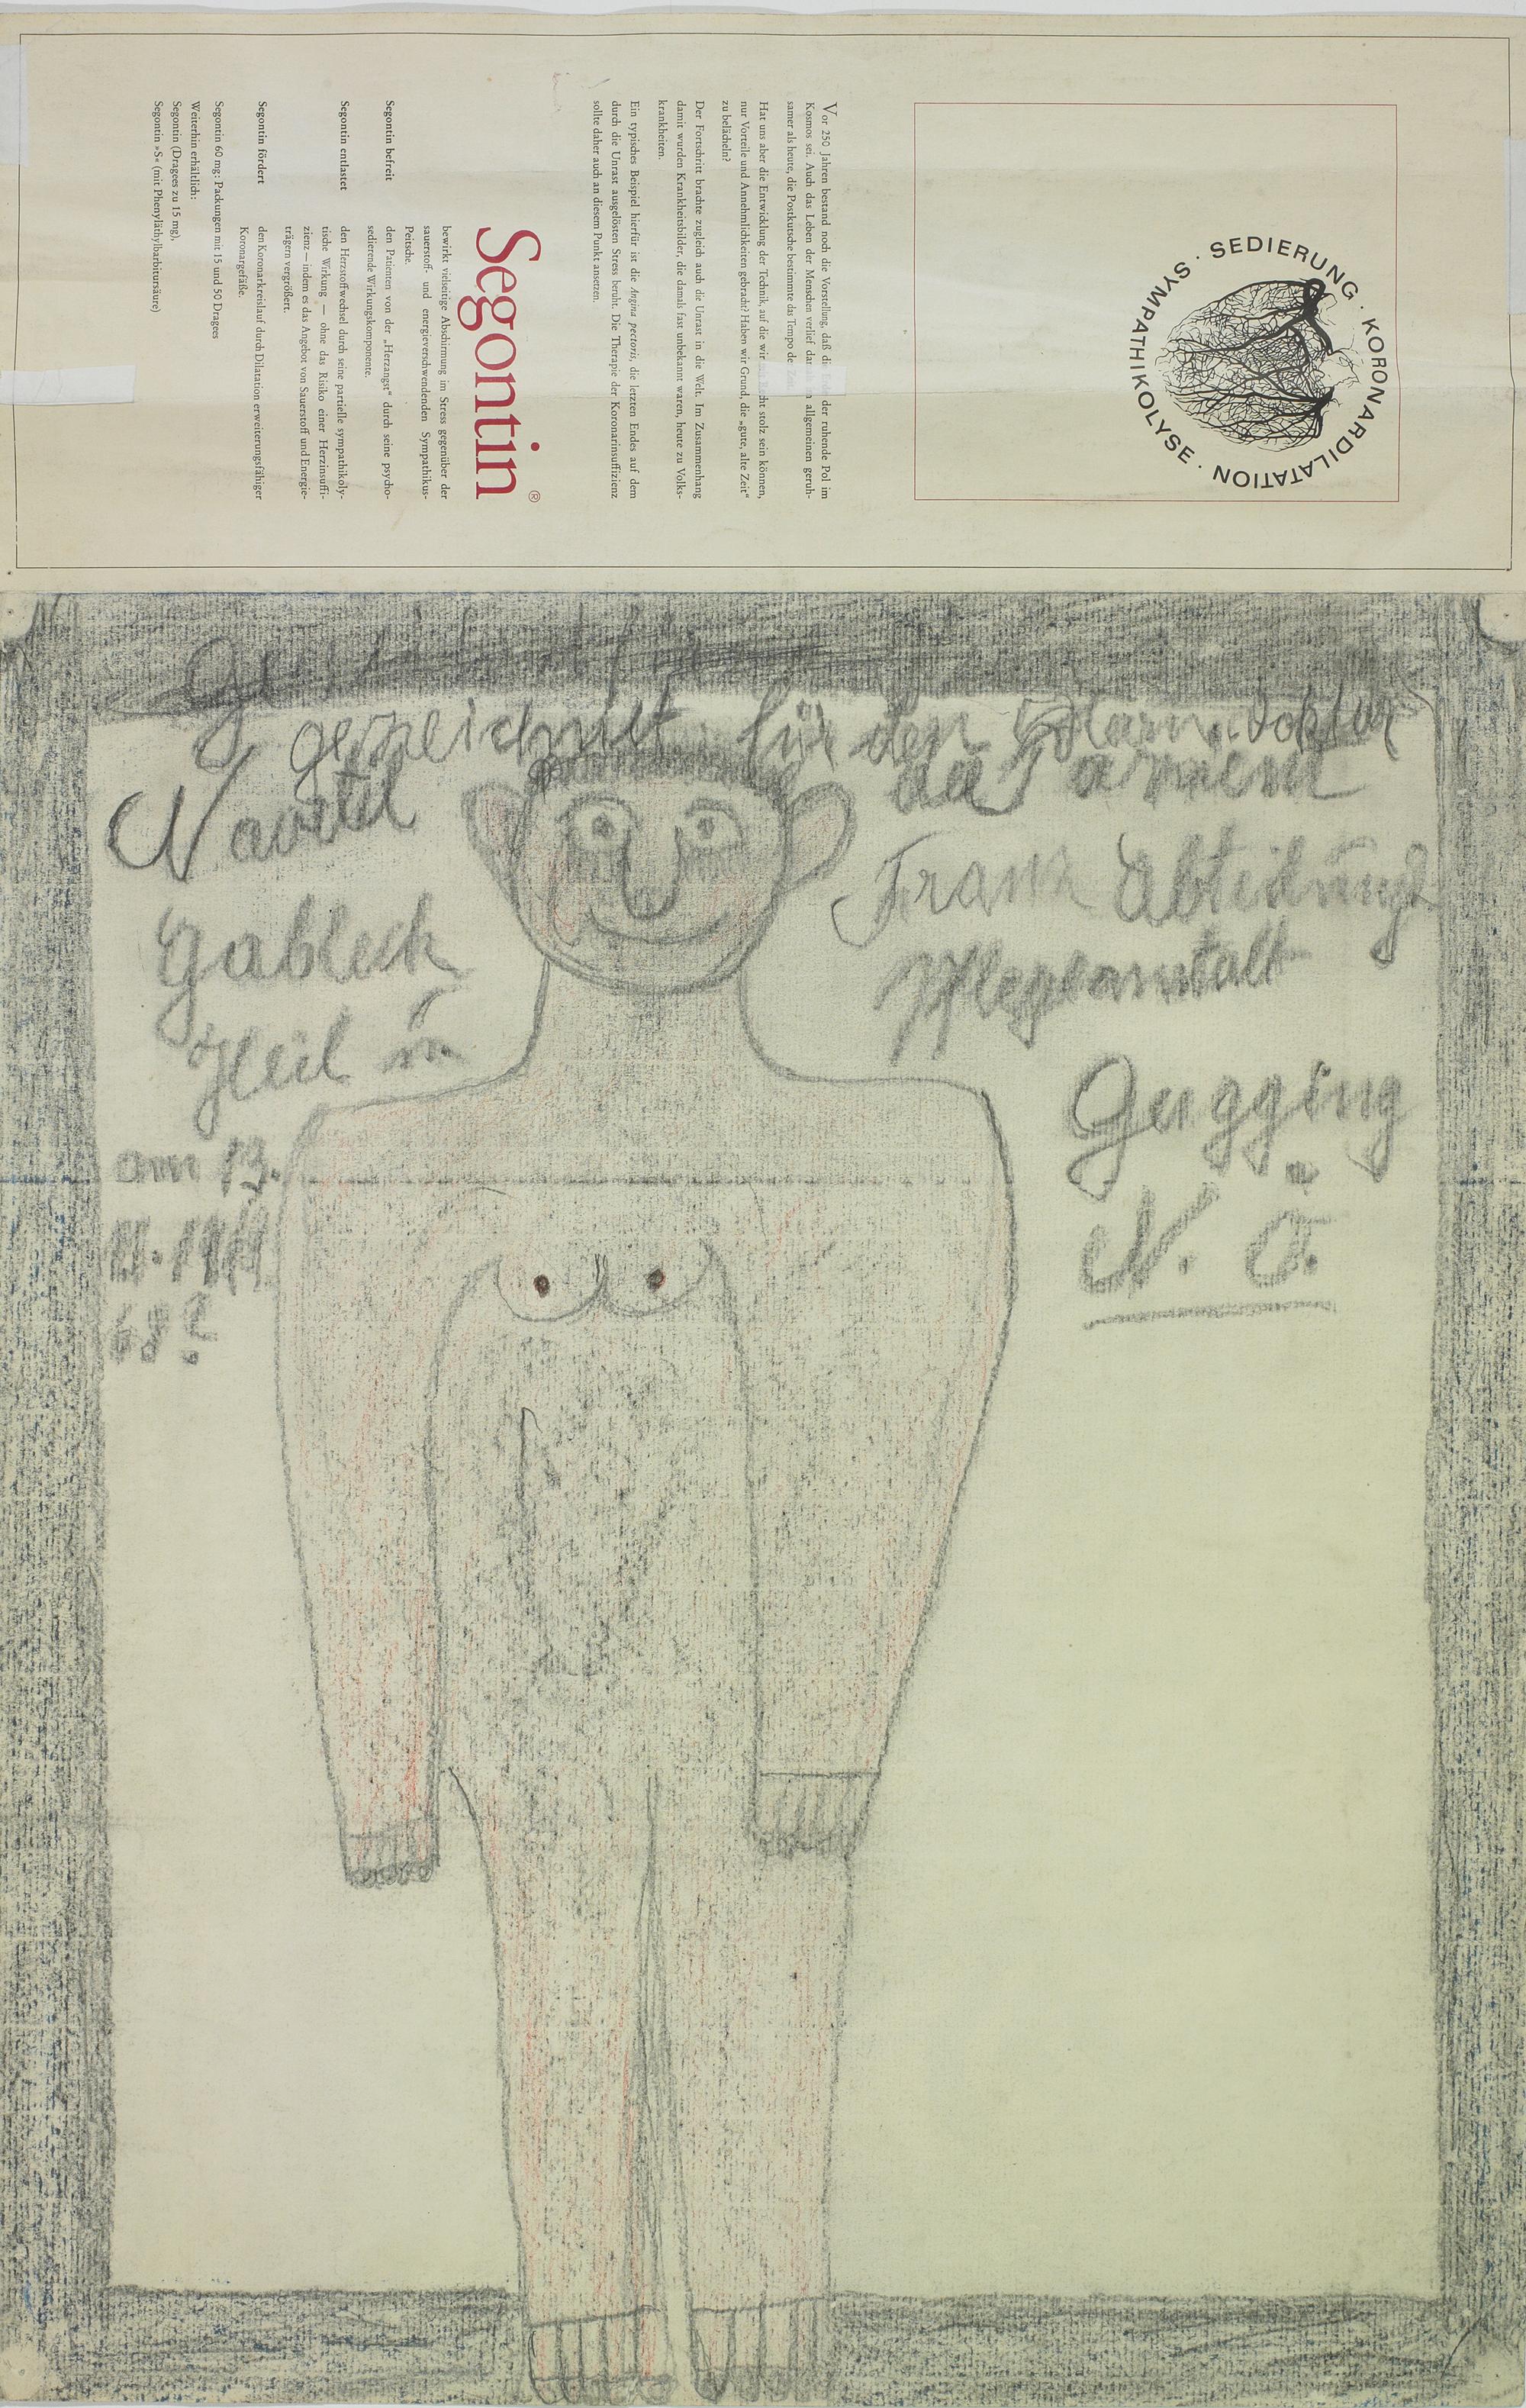 Franz Gableck, Ohne Titel, 1968 © Privatstiftung – Künstler aus Gugging